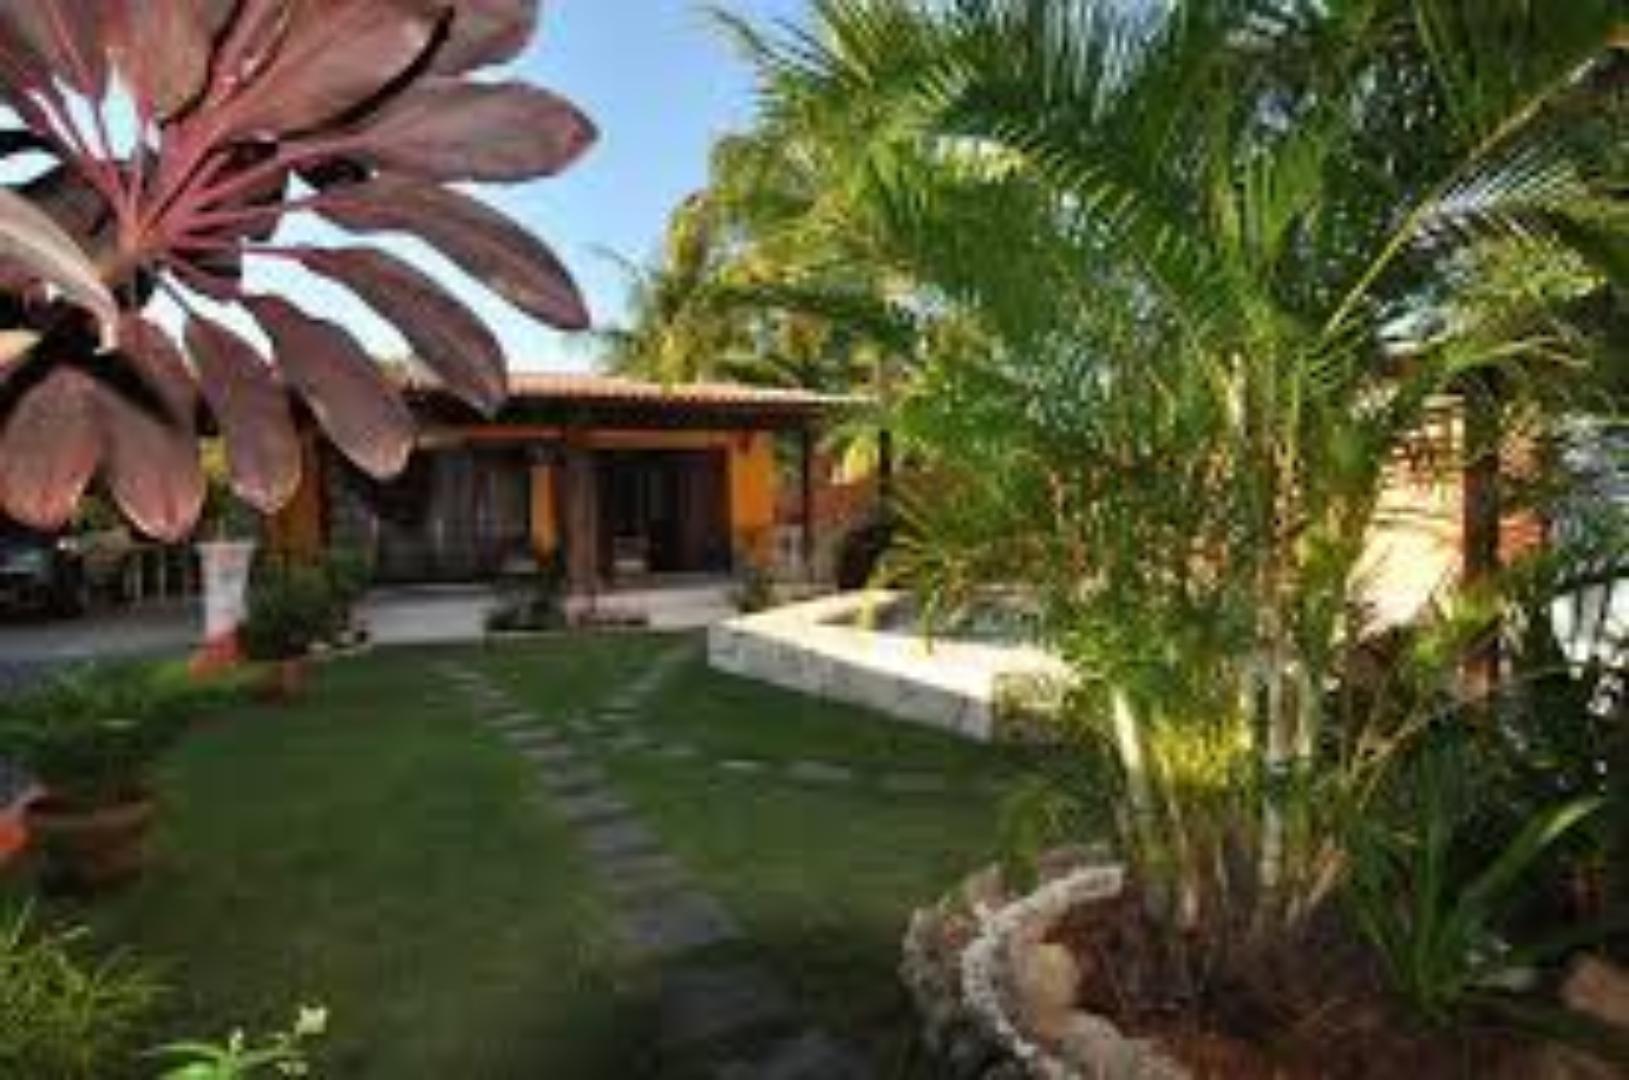 A palm tree at Casa Dois Gatos.